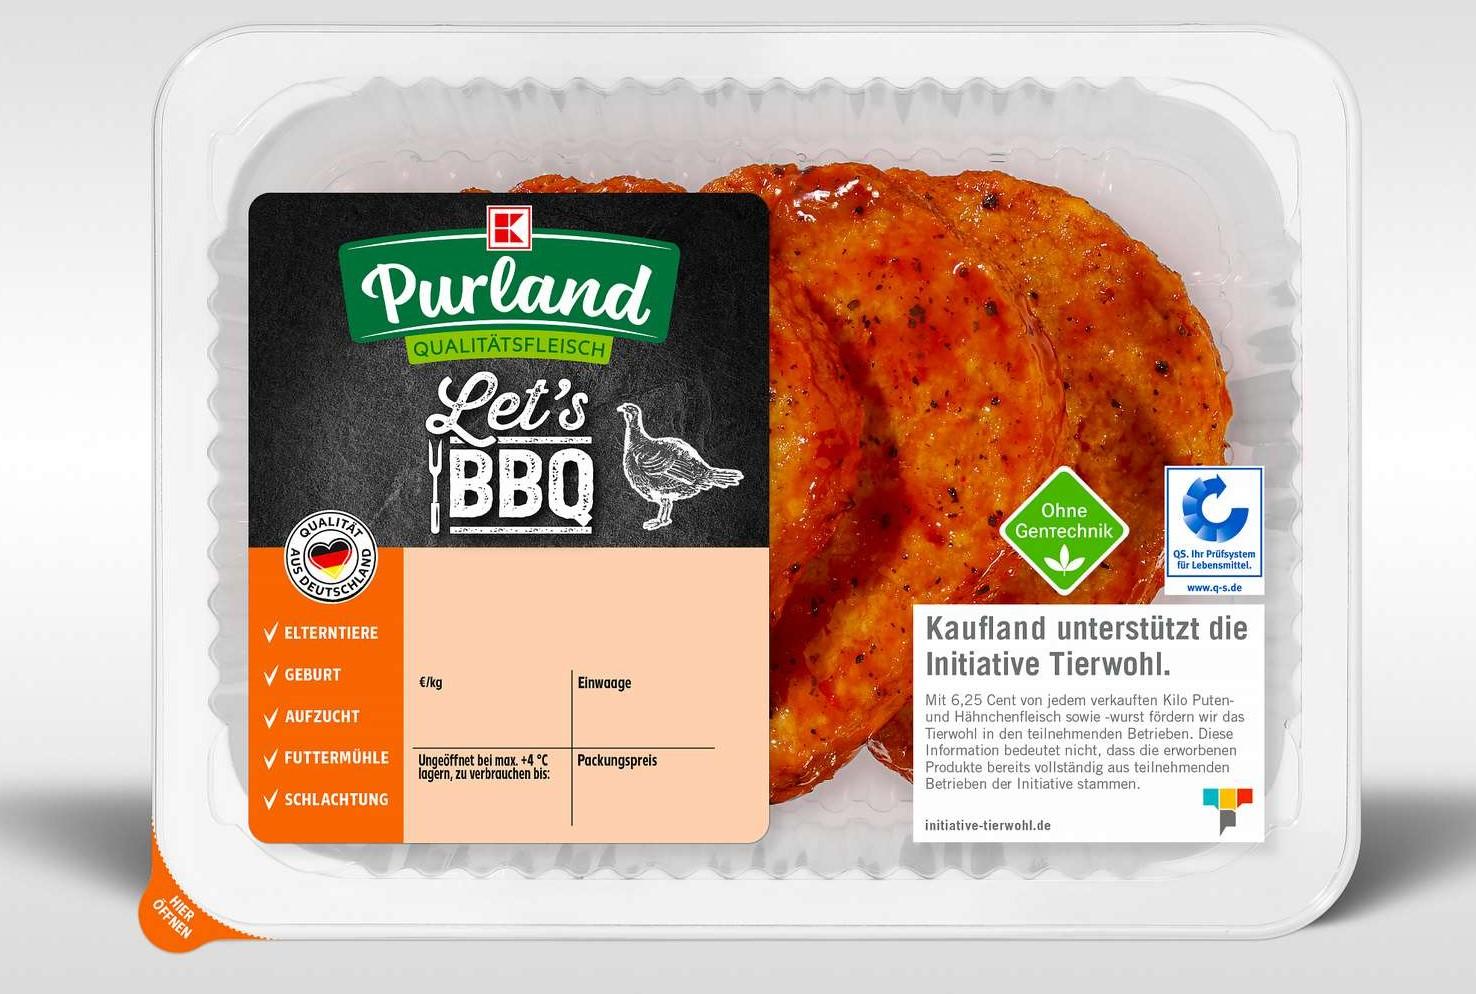 """Rückruf: Fehlende Allergenkennzeichnung – Hersteller ruft """"K-Purland ..."""